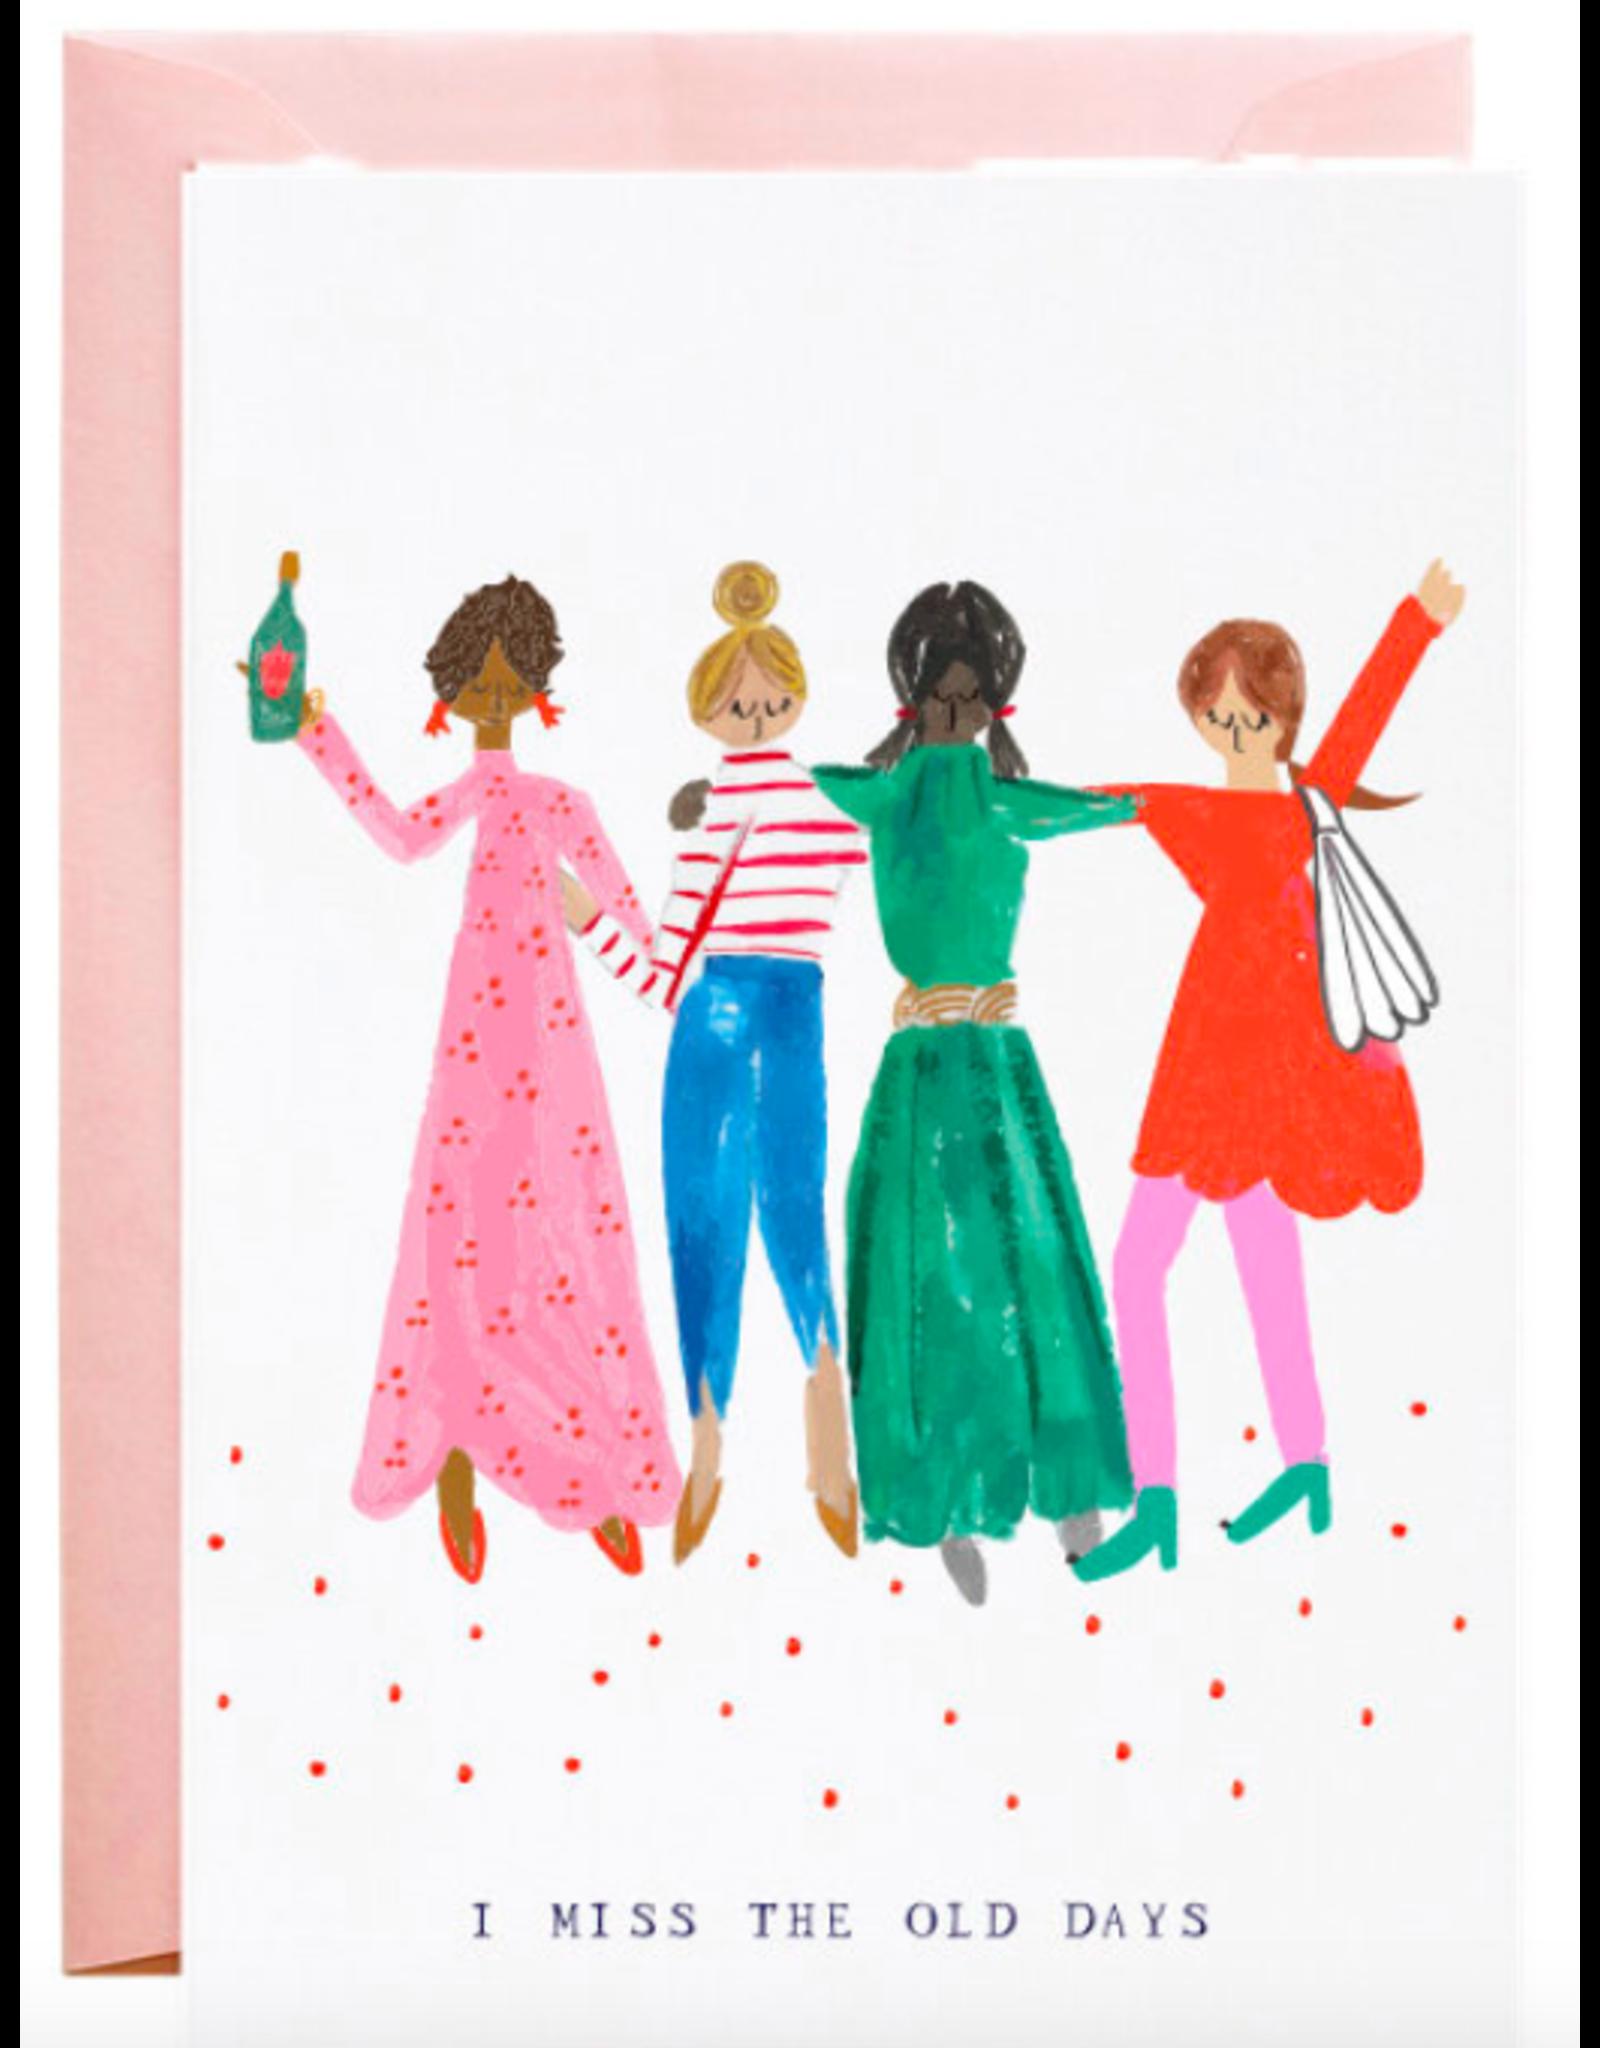 Mr. Boddington's Studio Girlfriends Where are You? Card